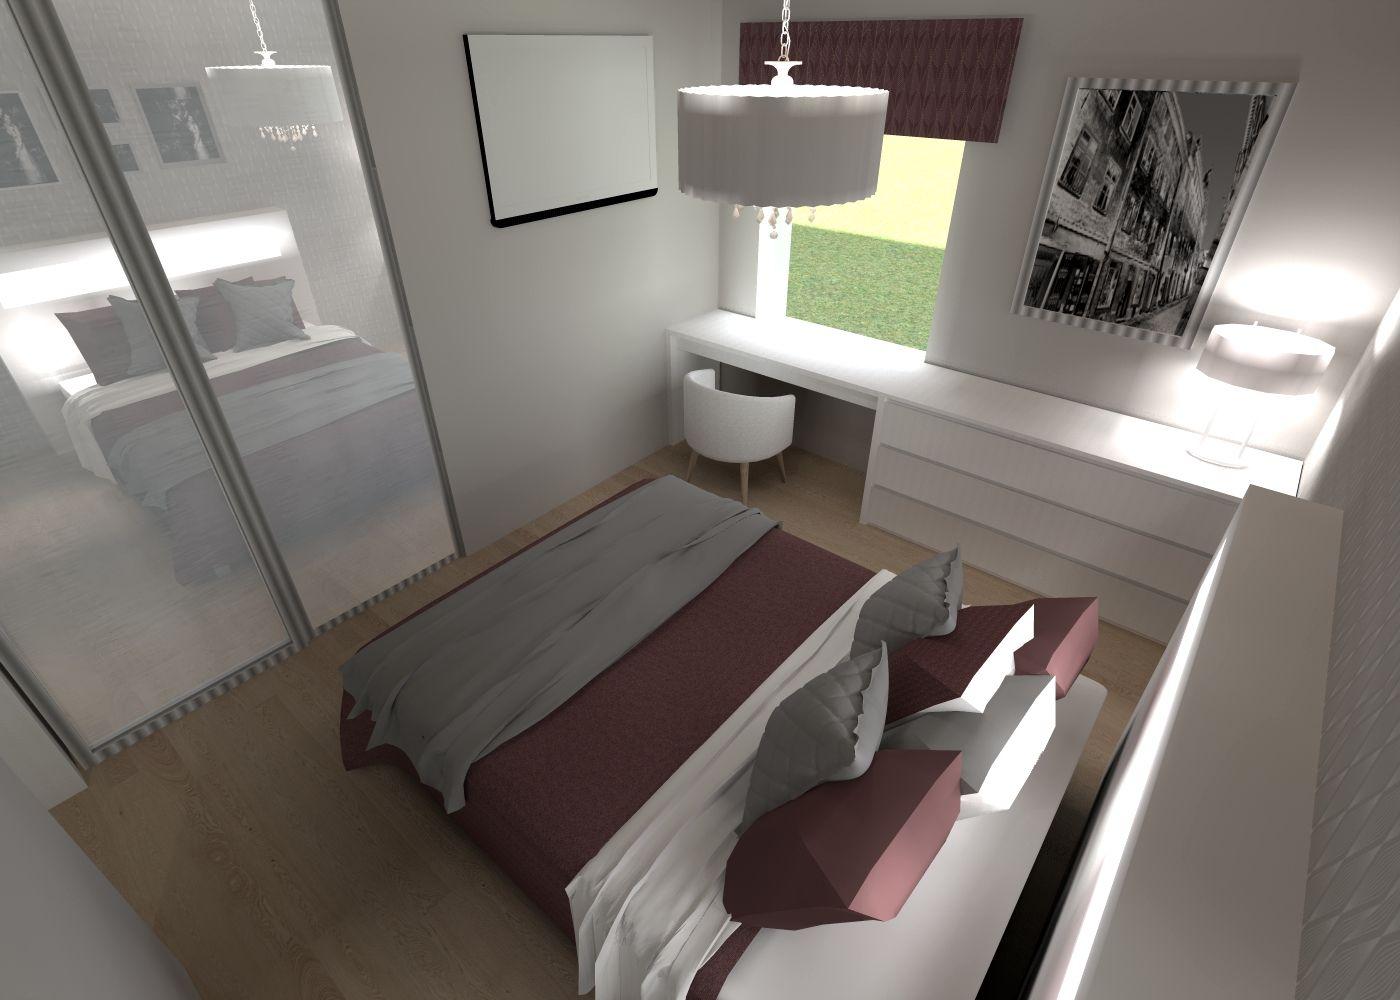 3D - sisustussuunnittelu / moderni-romanttinen makuuhuone, modern-romantic bedroom / 3D-sisustus Tilanna